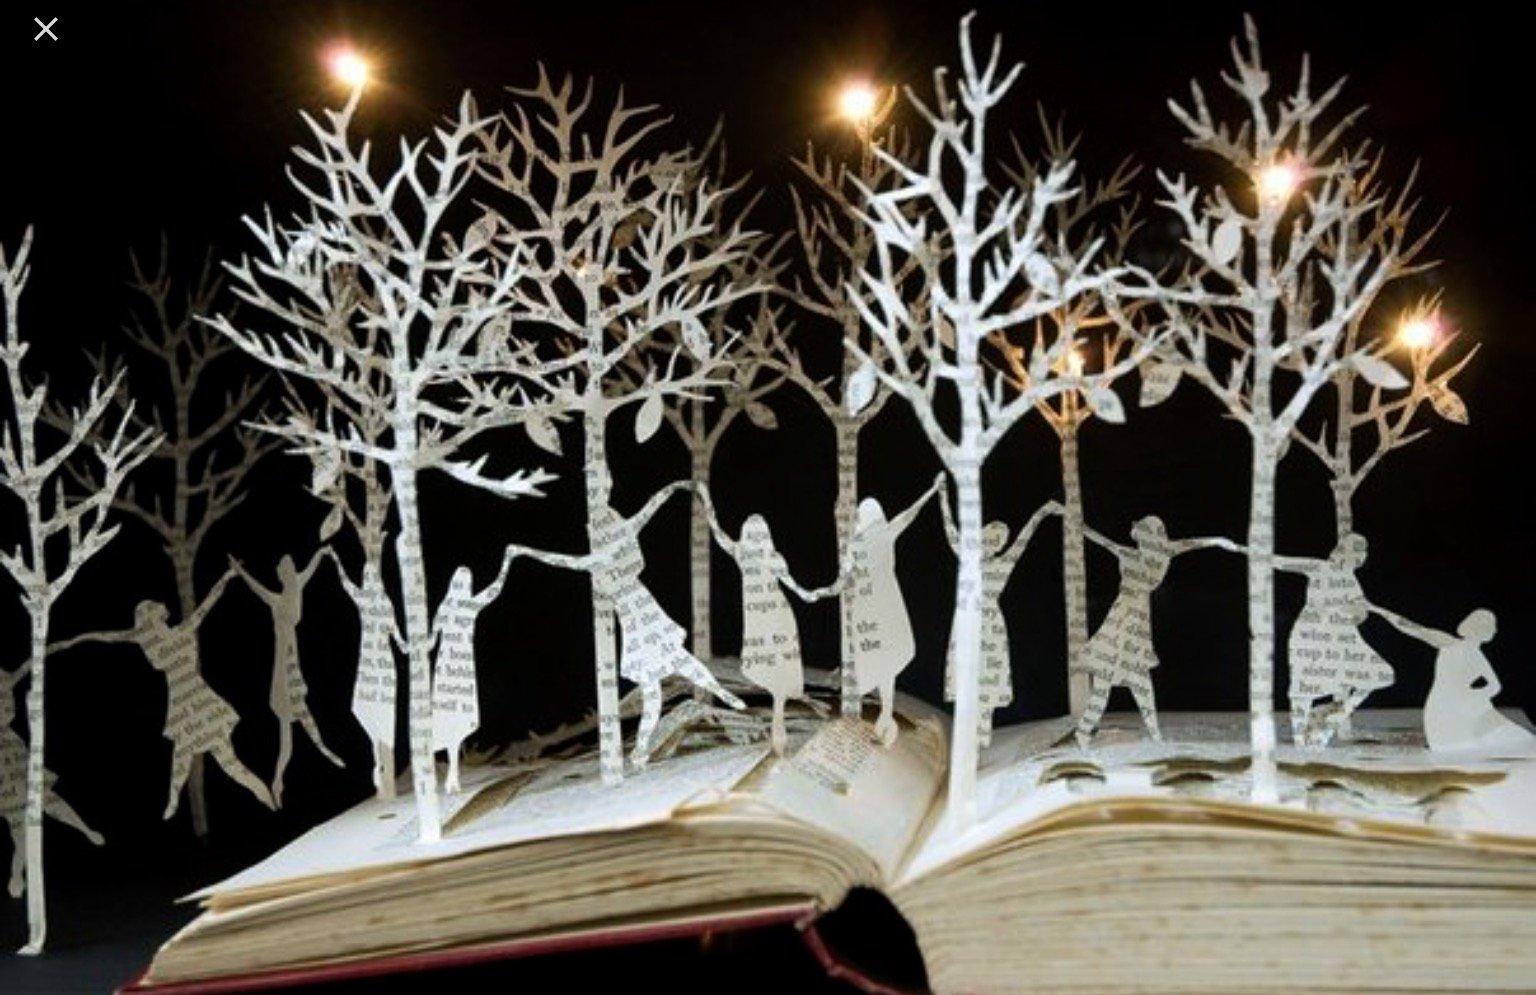 Resultado de imagem para magia de los libros